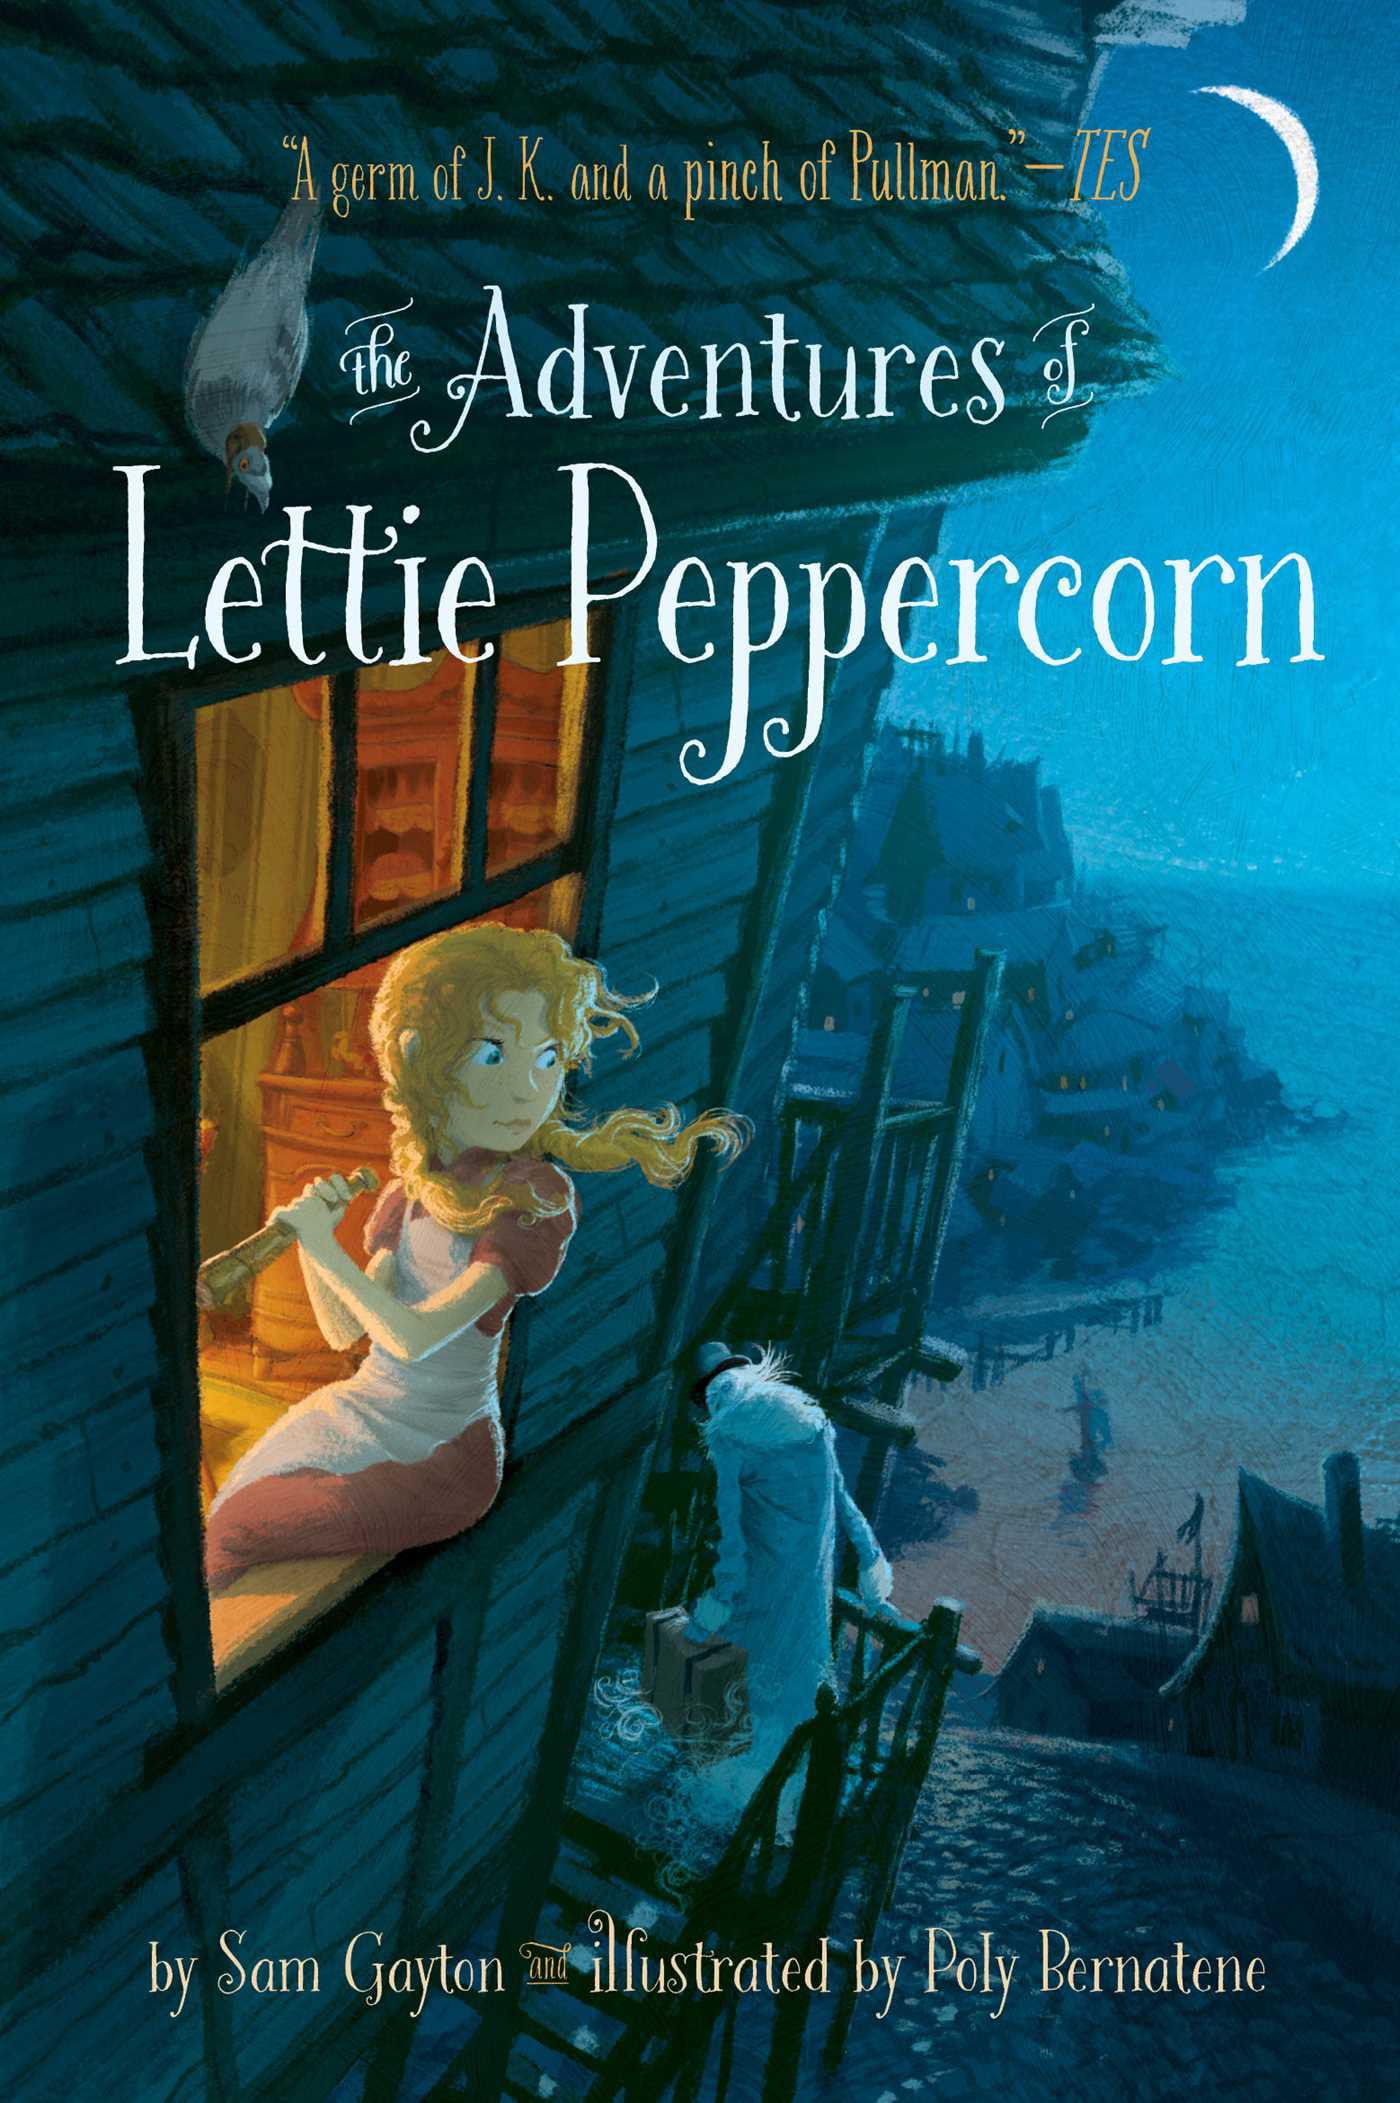 The Adventures of Lettie Peppercorn - Walmart.com